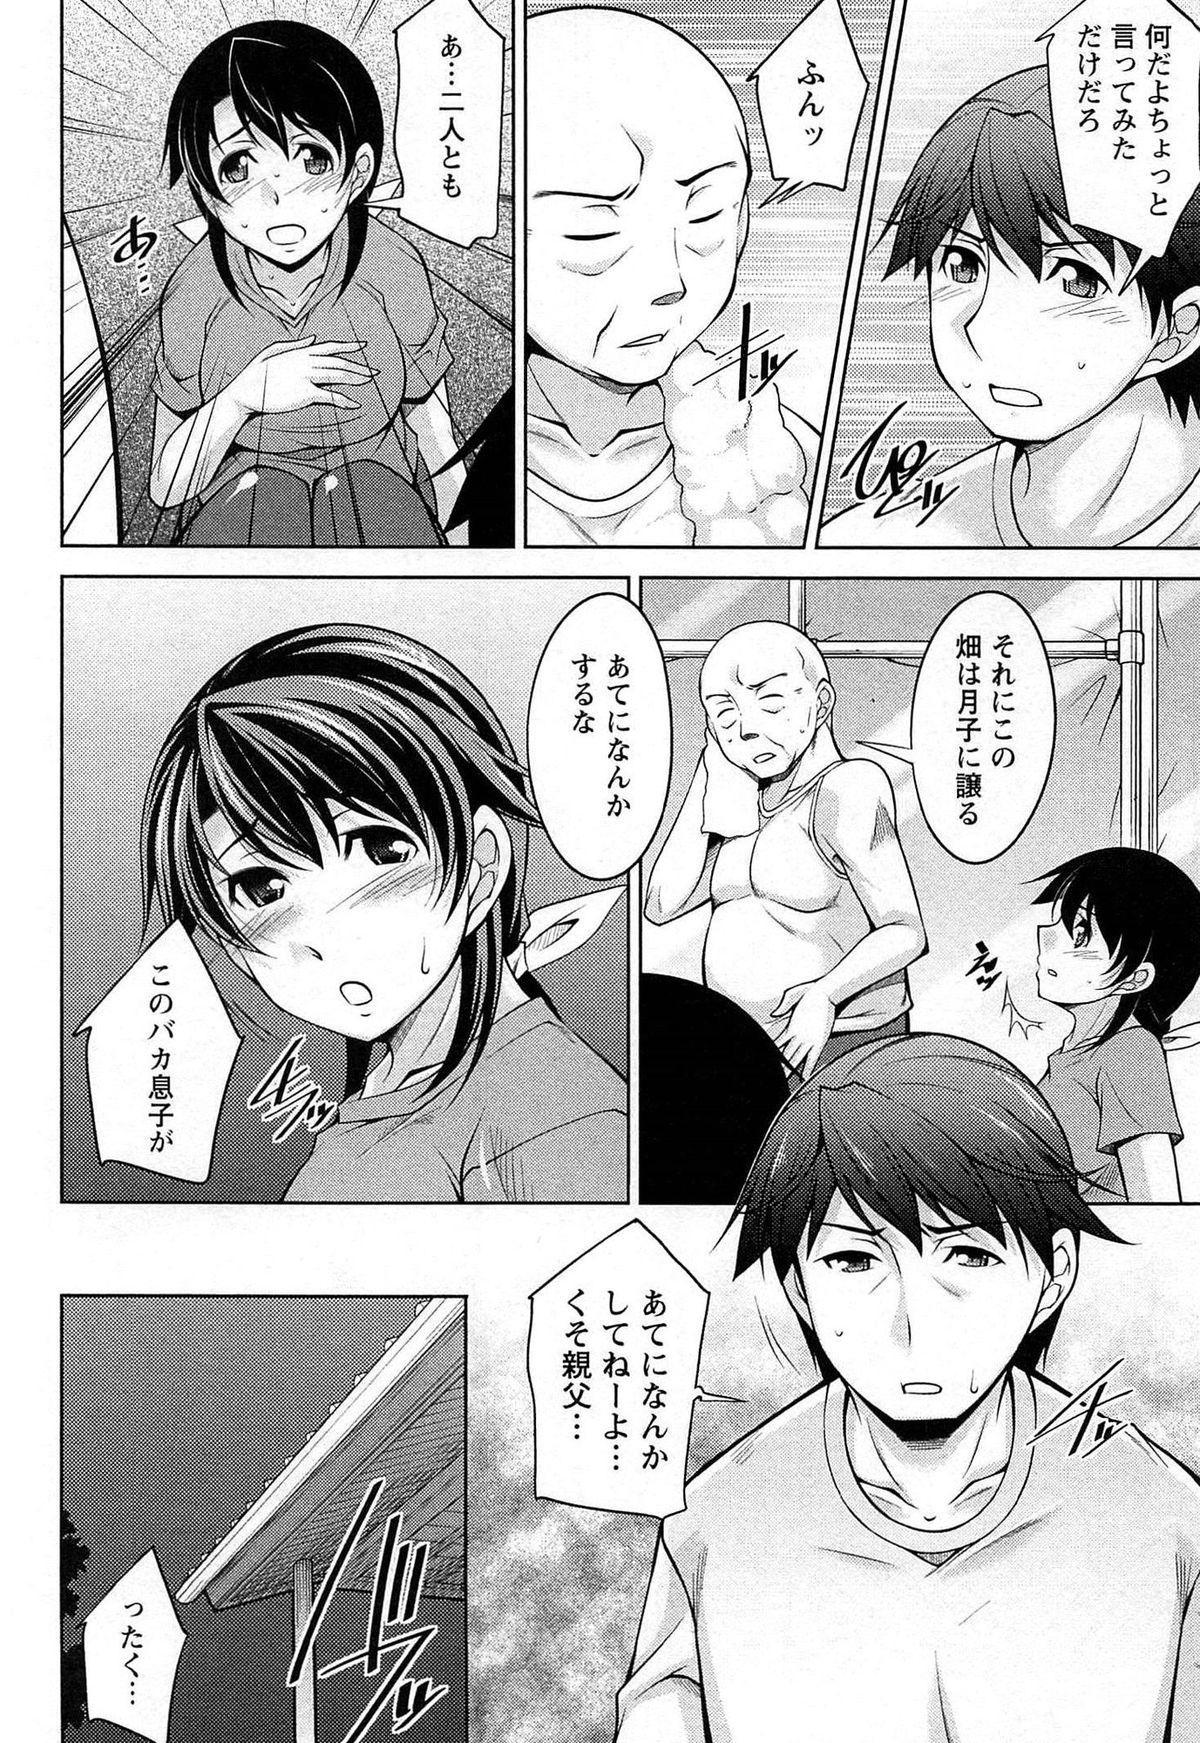 [zen9] Tsuki-wo Ai-Shite - Tsuki-ni Koi-shite 2 122